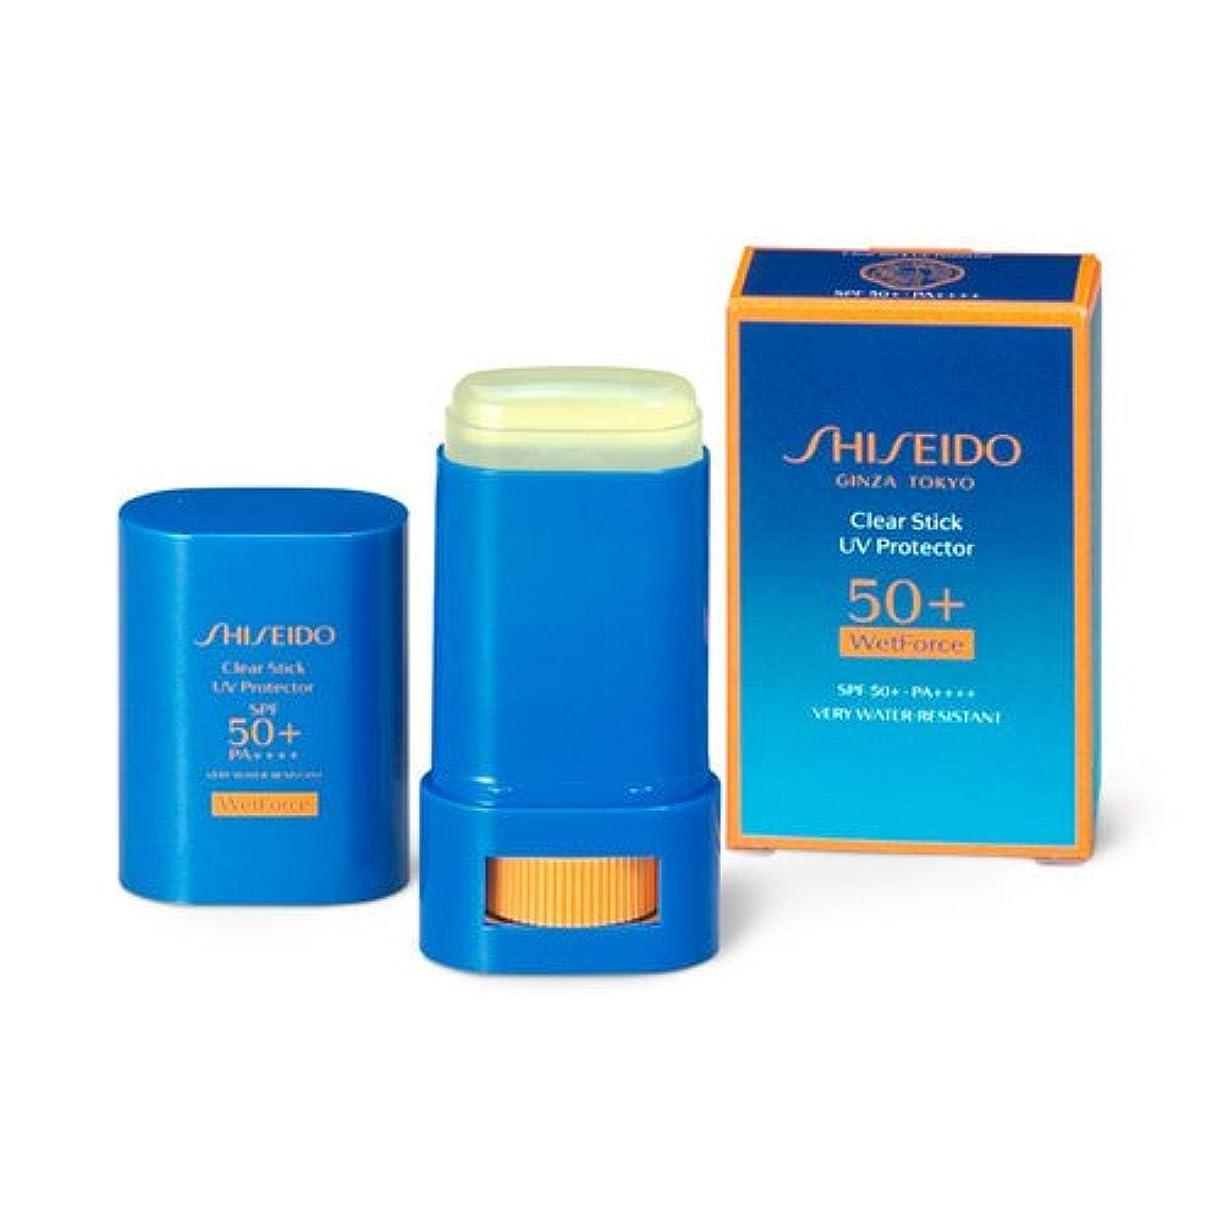 足積分ジャベスウィルソンSHISEIDO Suncare(資生堂 サンケア) SHISEIDO(資生堂) クリアスティック UVプロテクター 15g